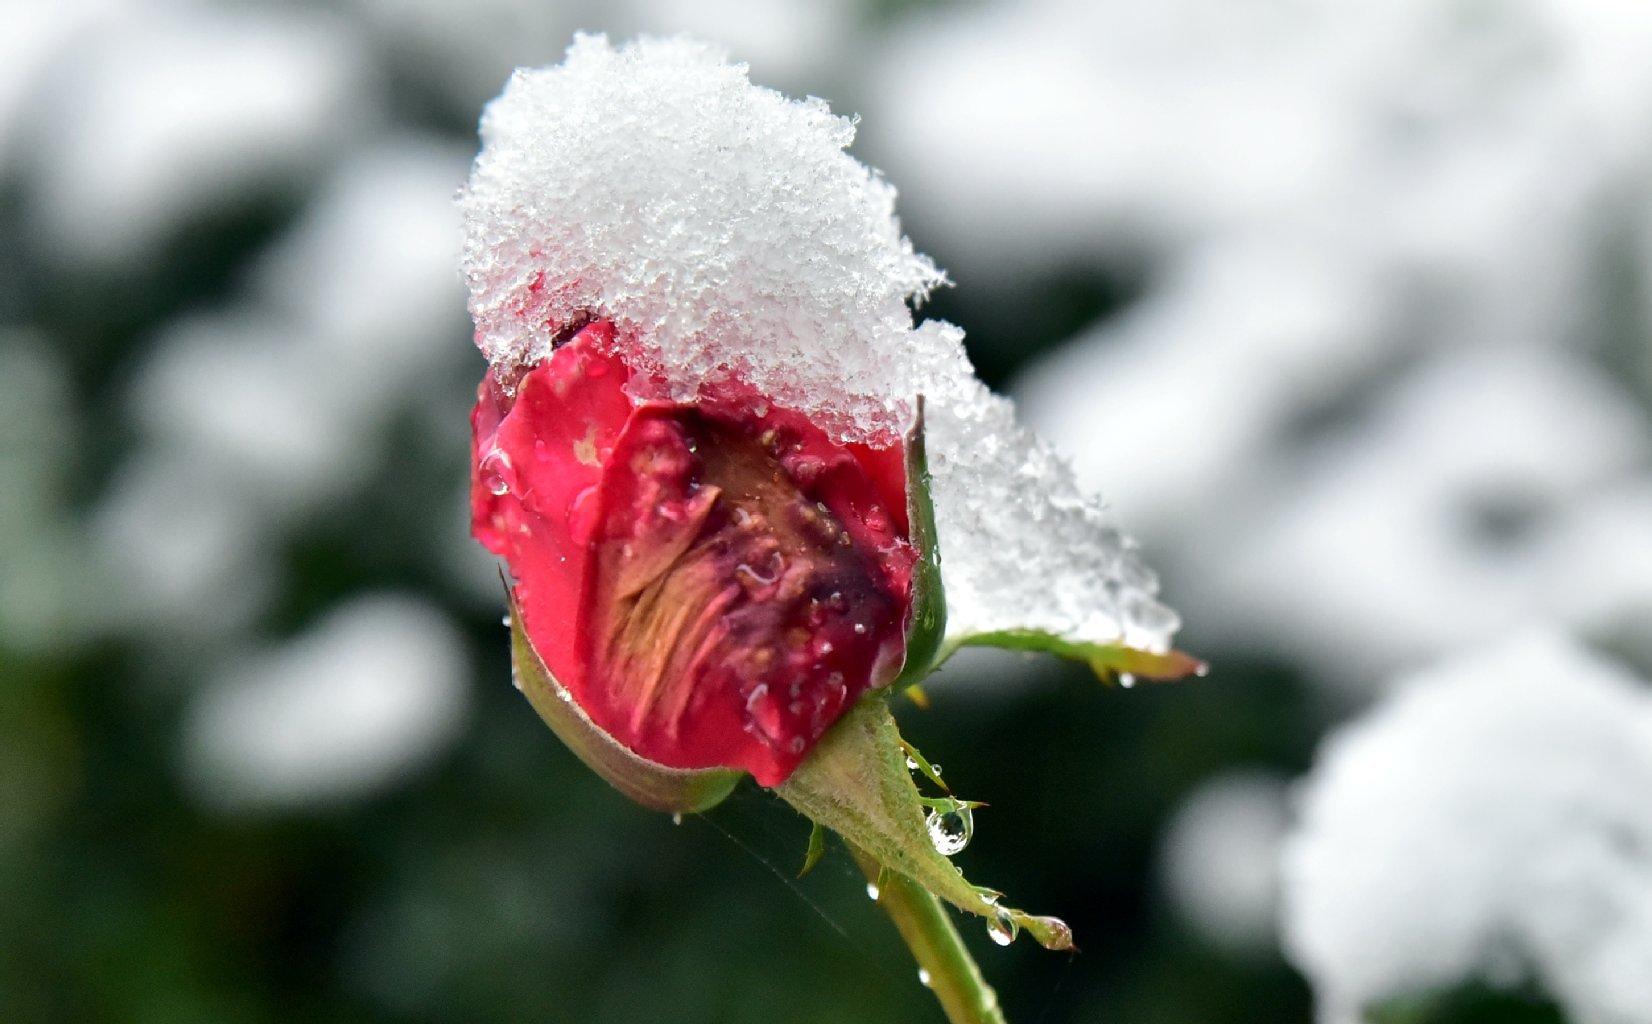 بالصور كم باقي على الشتاء , الشتاء فصل من فصول السنة 2224 4